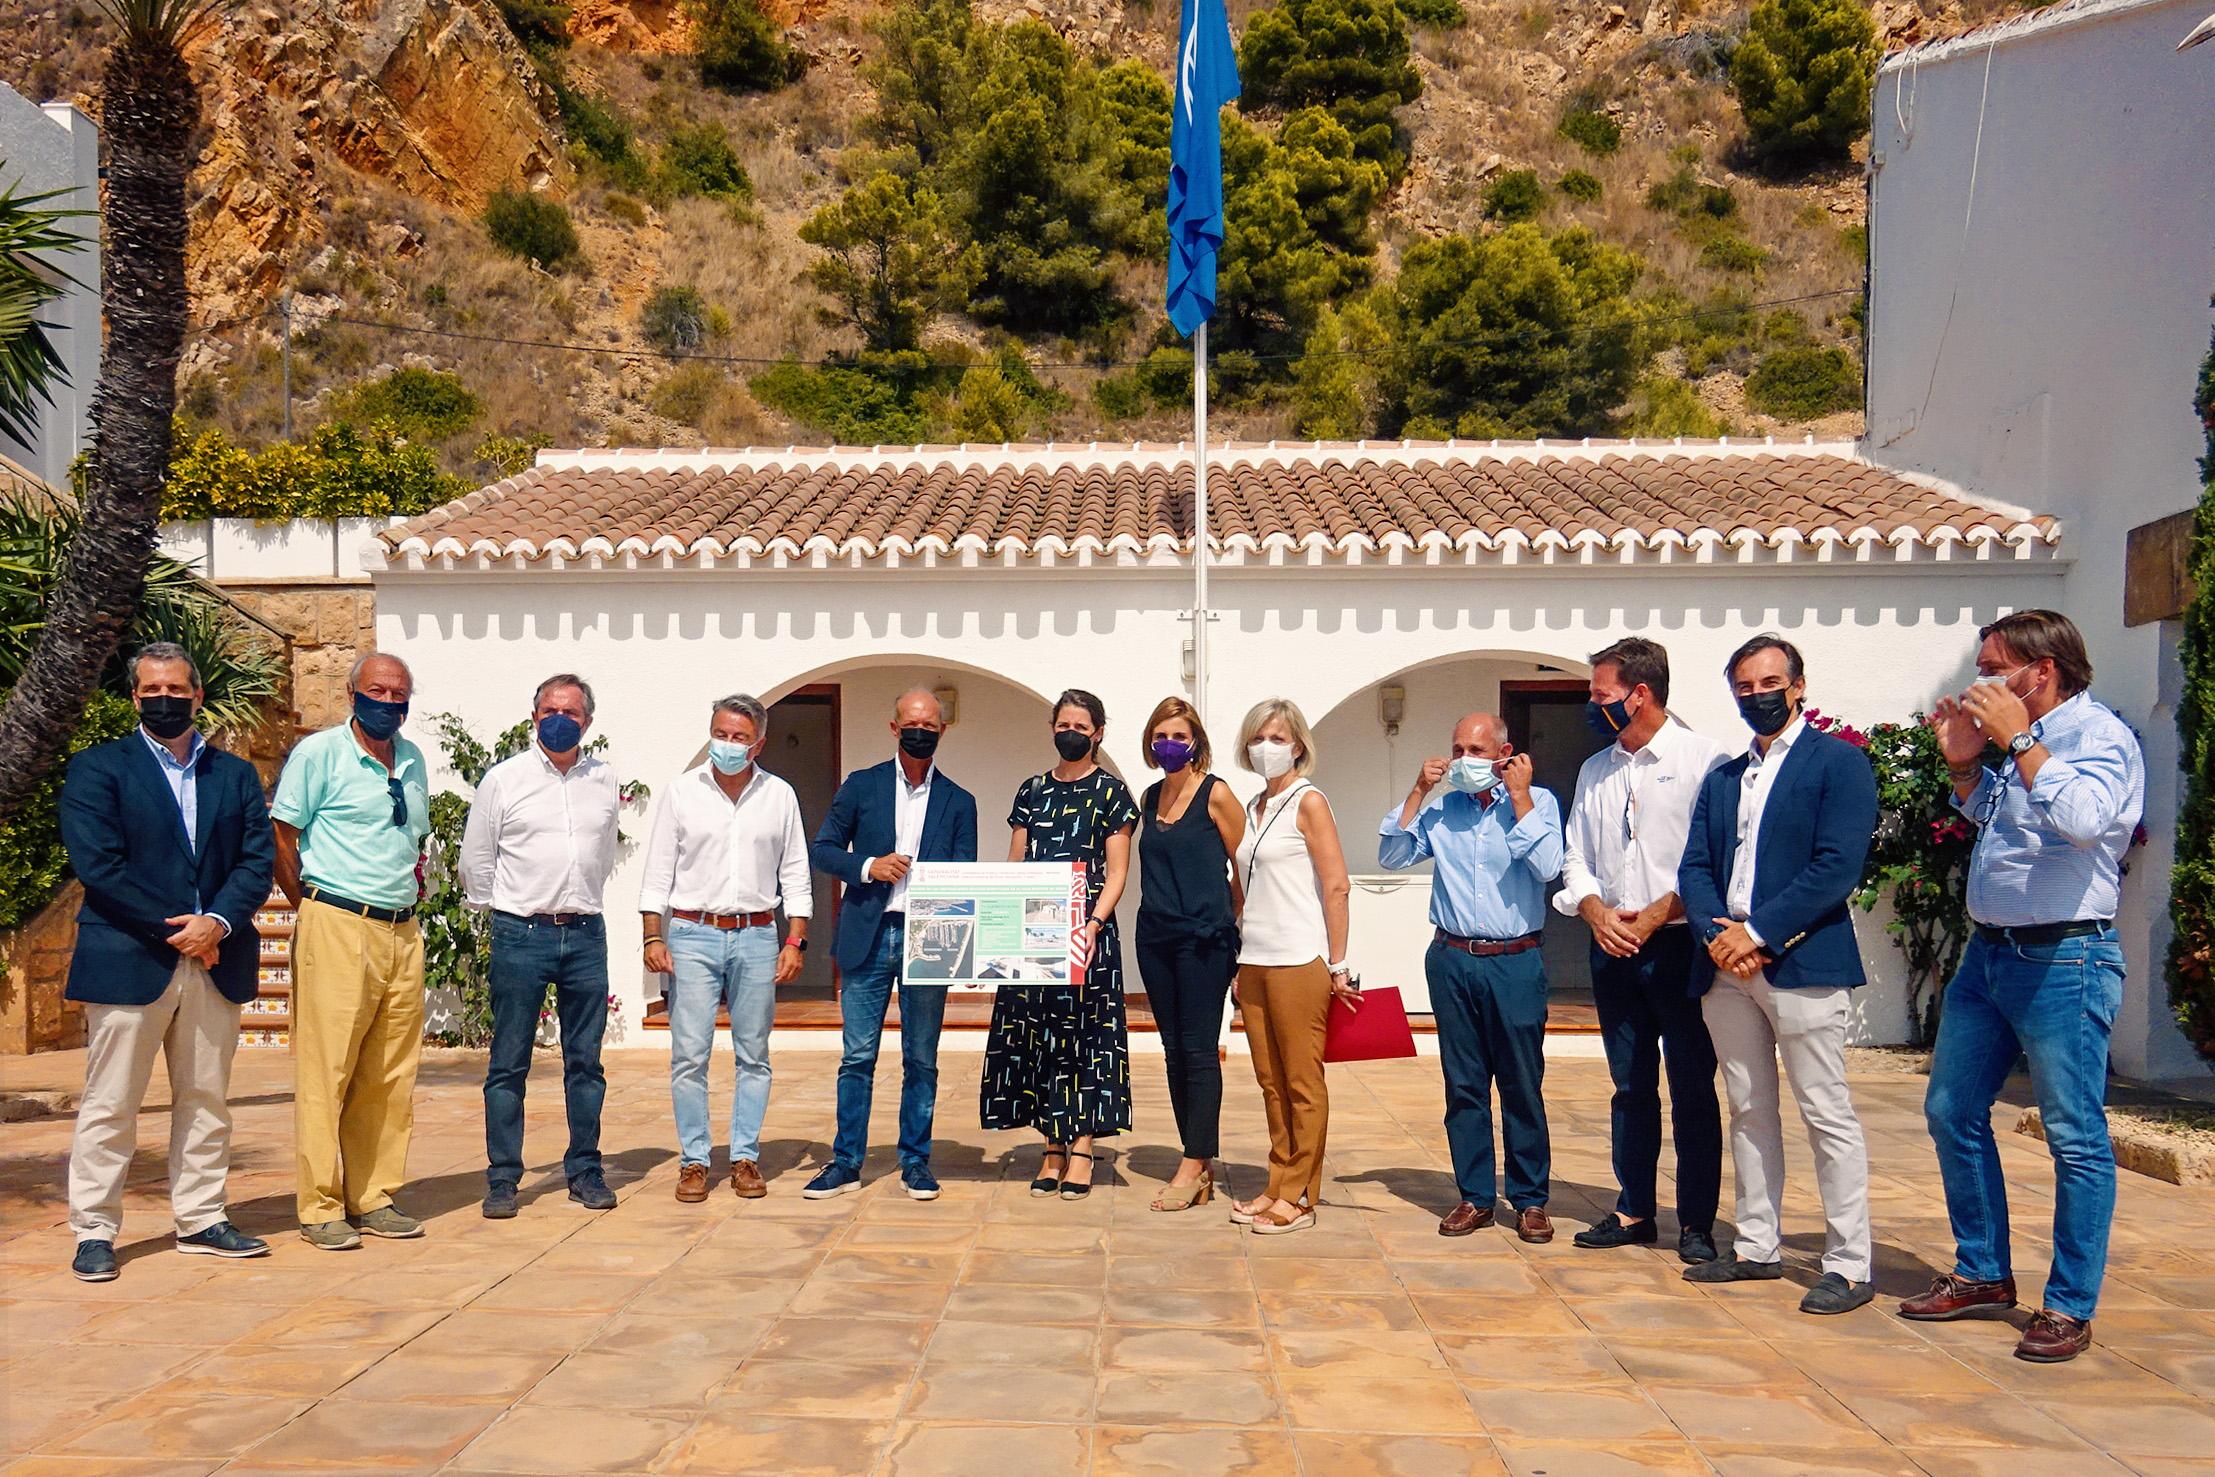 La Generalitat renueva la concesión al club náutico de Jávea y establece una inversión de 2,6 millones para la modernización del puerto